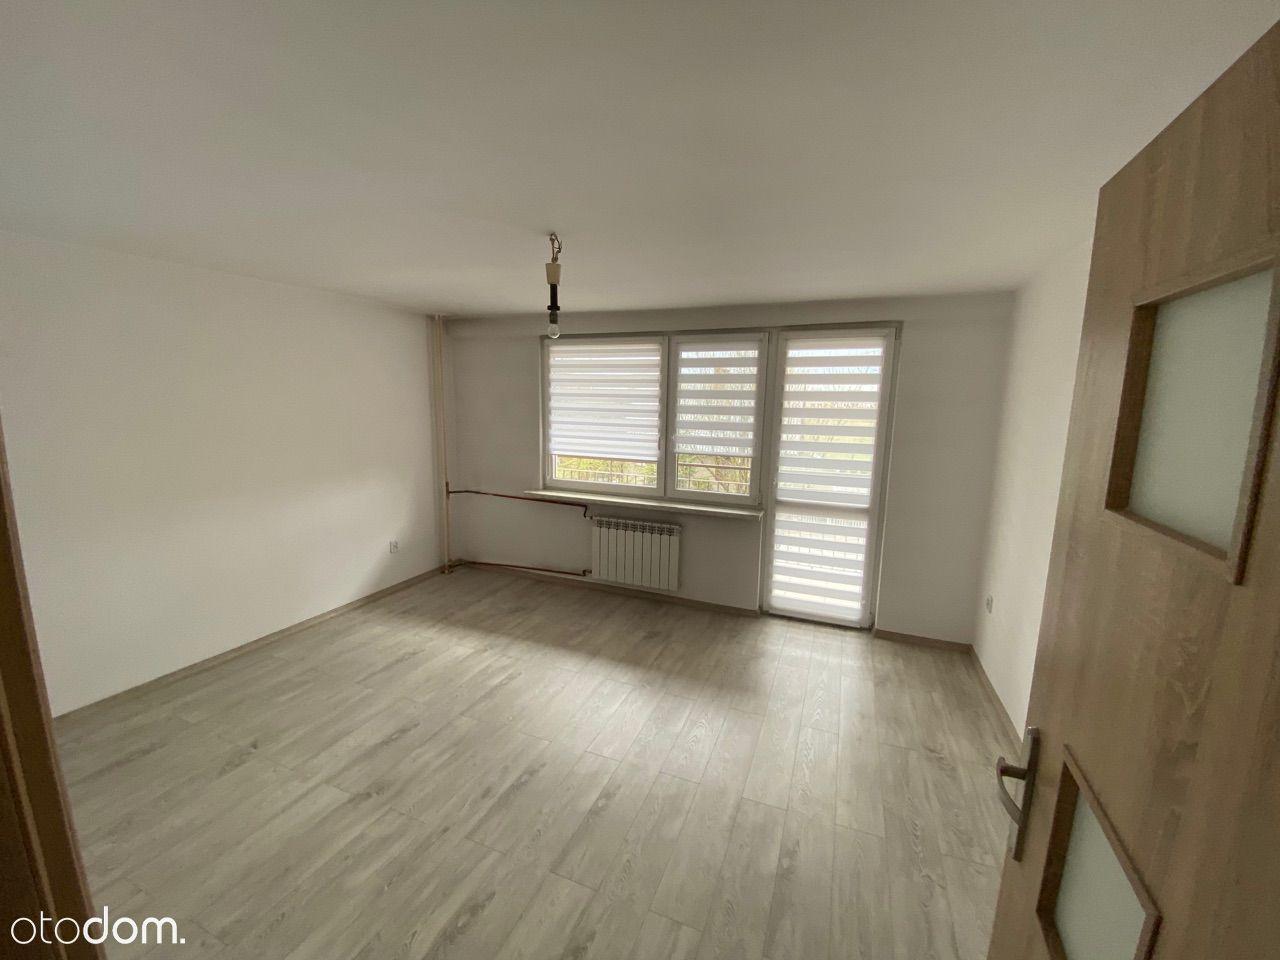 Mieszkanie, 71,50 m², Bieruń